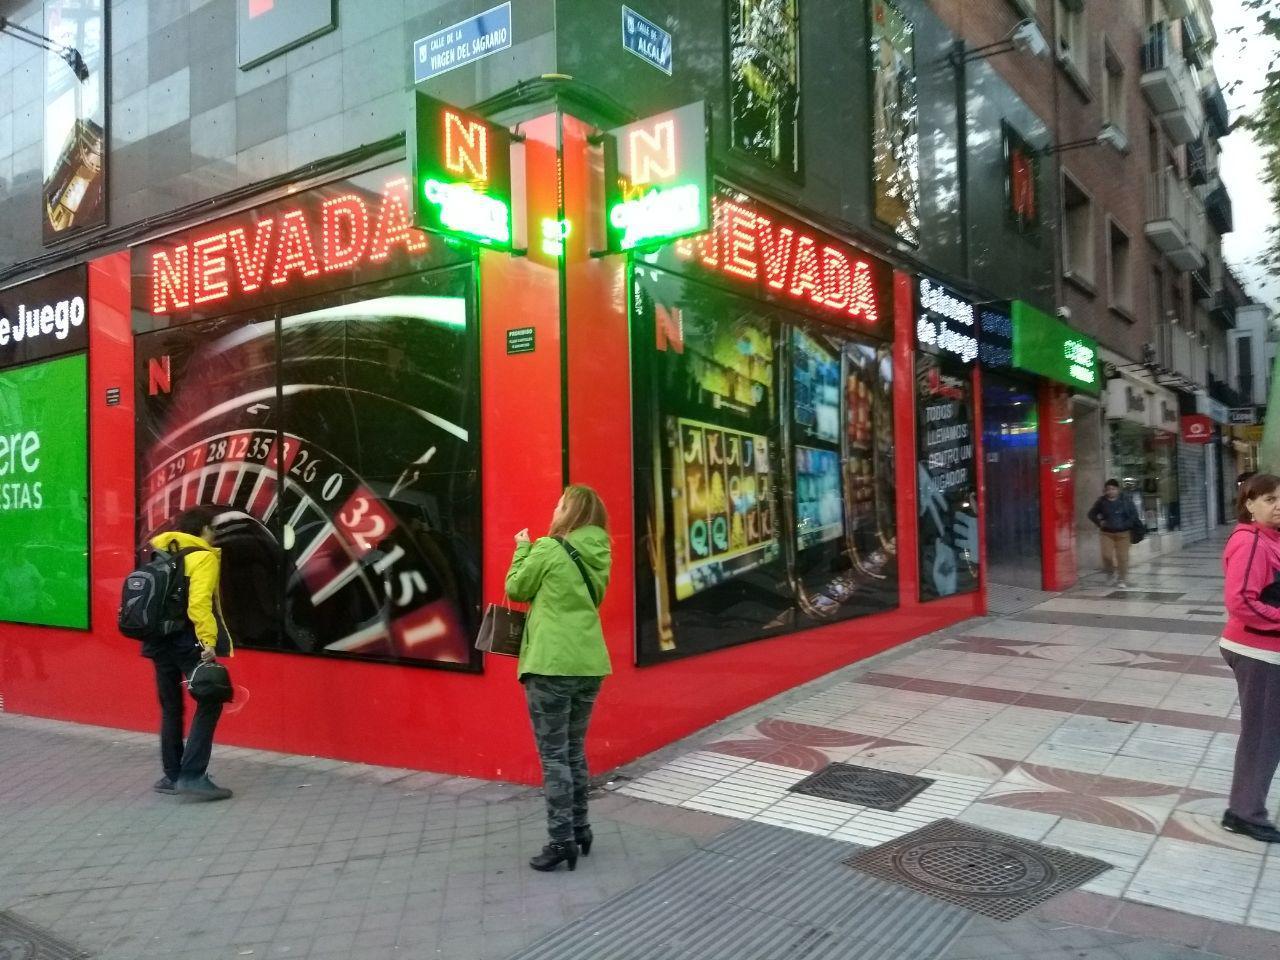 ¿Por qué la Comunidad de Madrid no sigue el ejemplo de Murcia en la regulación de los locales de apuestas?